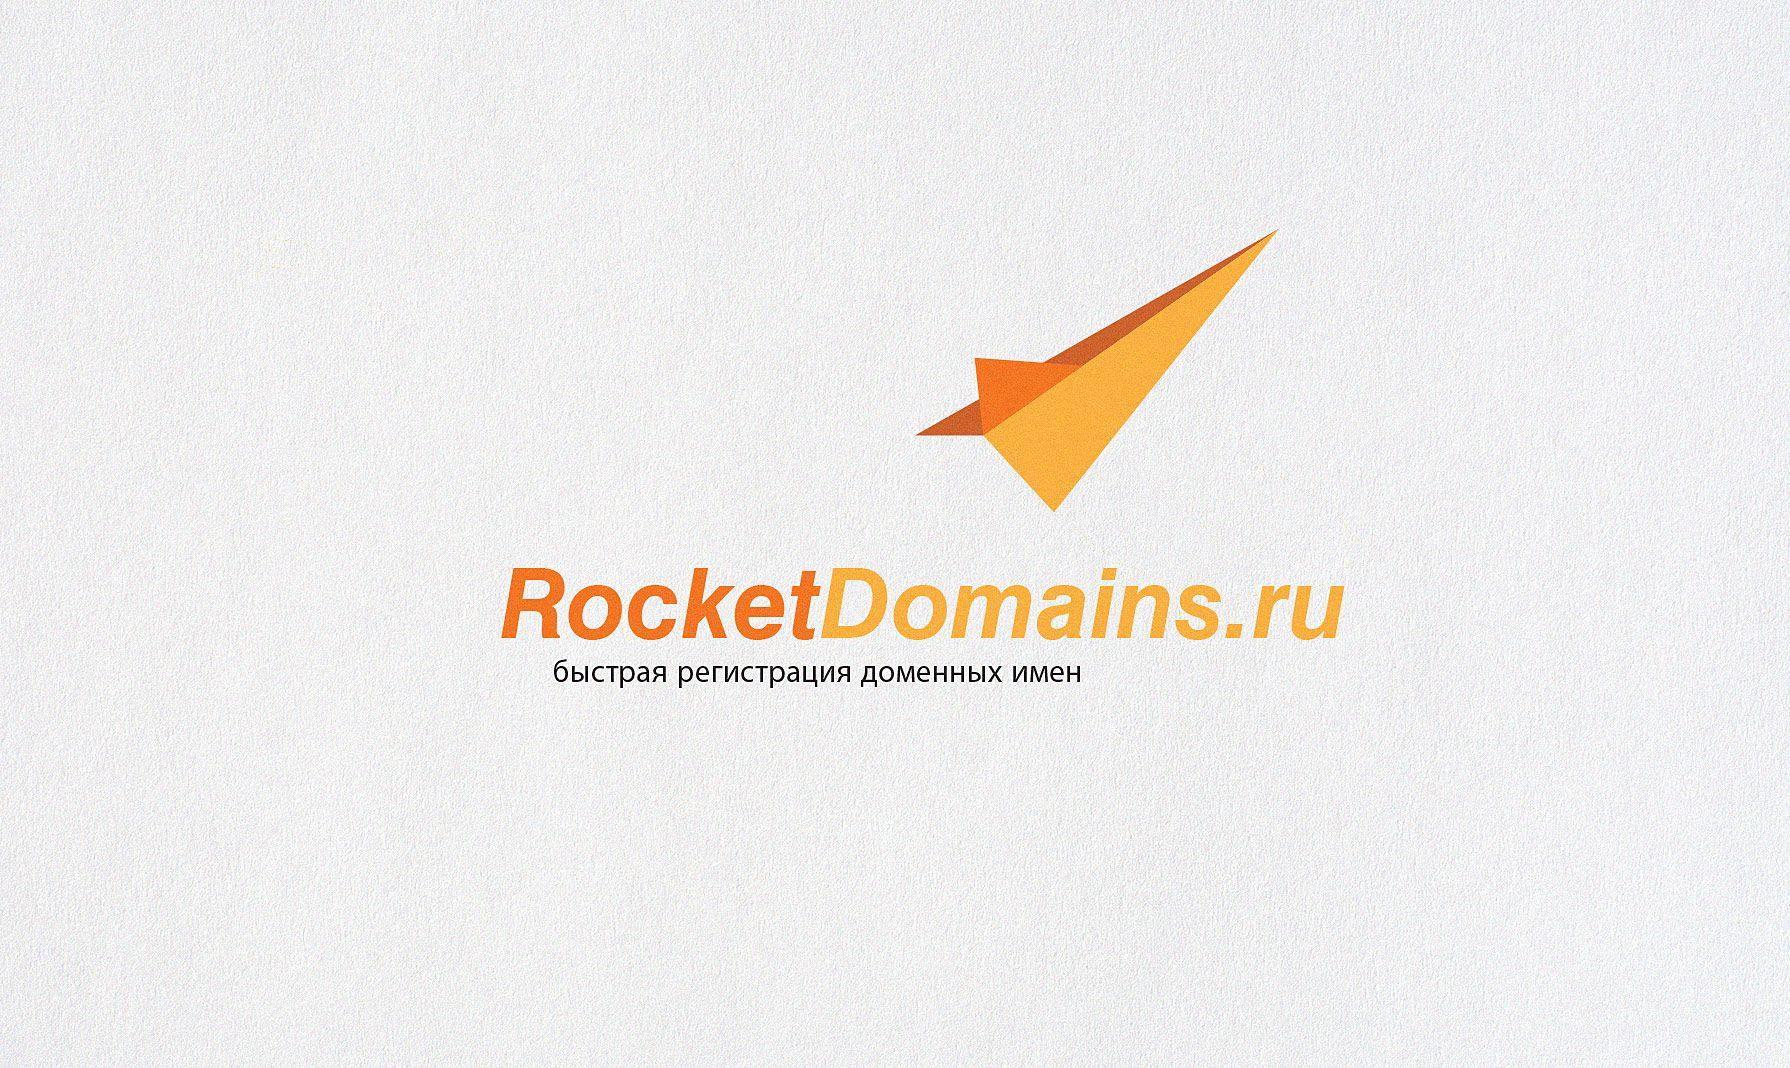 Логотип для регистратора RocketDomains.ru - дизайнер ChameleonStudio